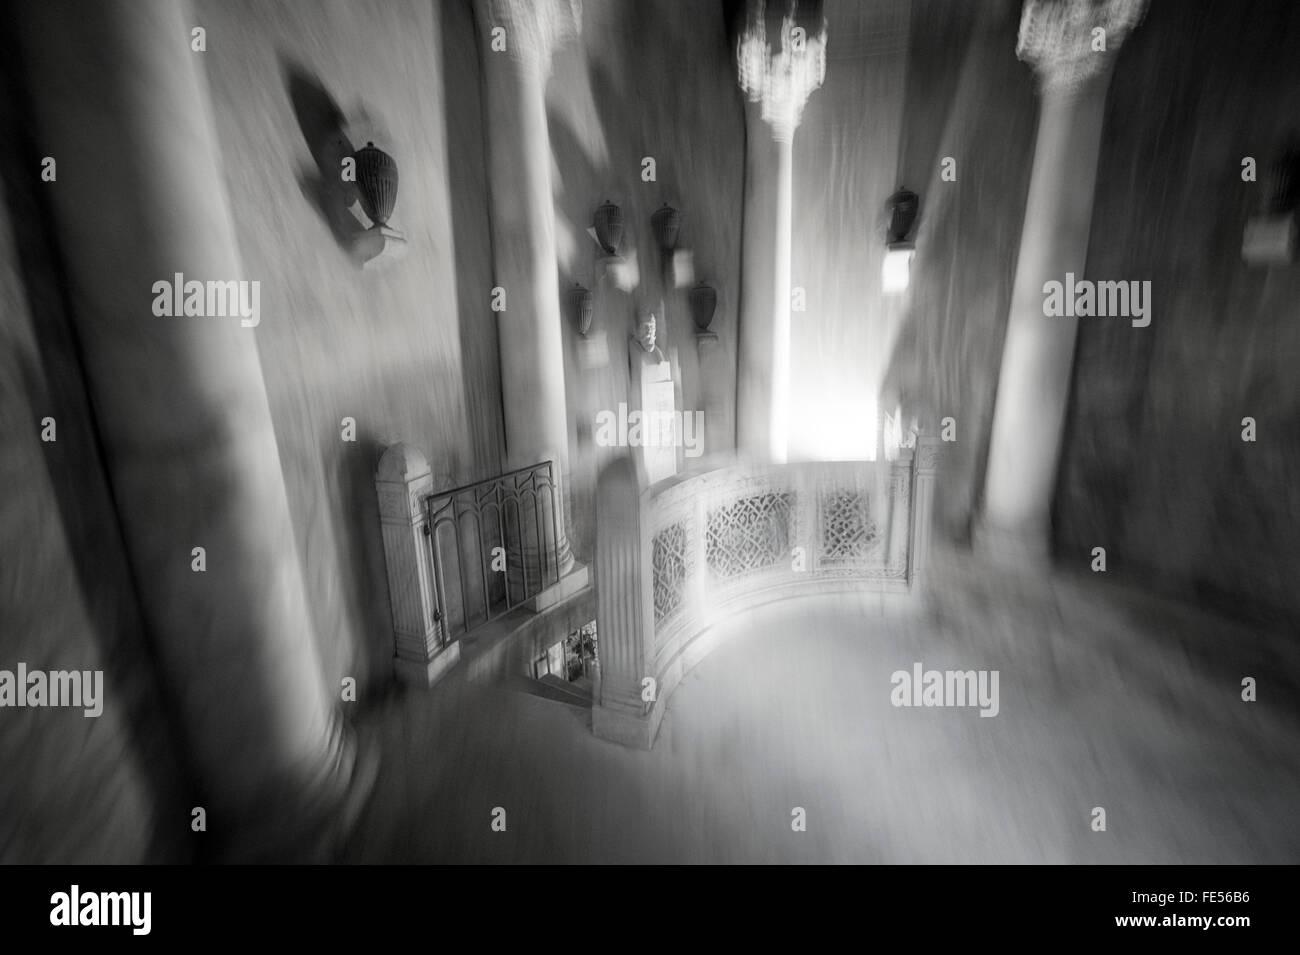 Deutschland, Frankfurt, Friedhof, Eingang der Grabkammer-Halle Stockbild